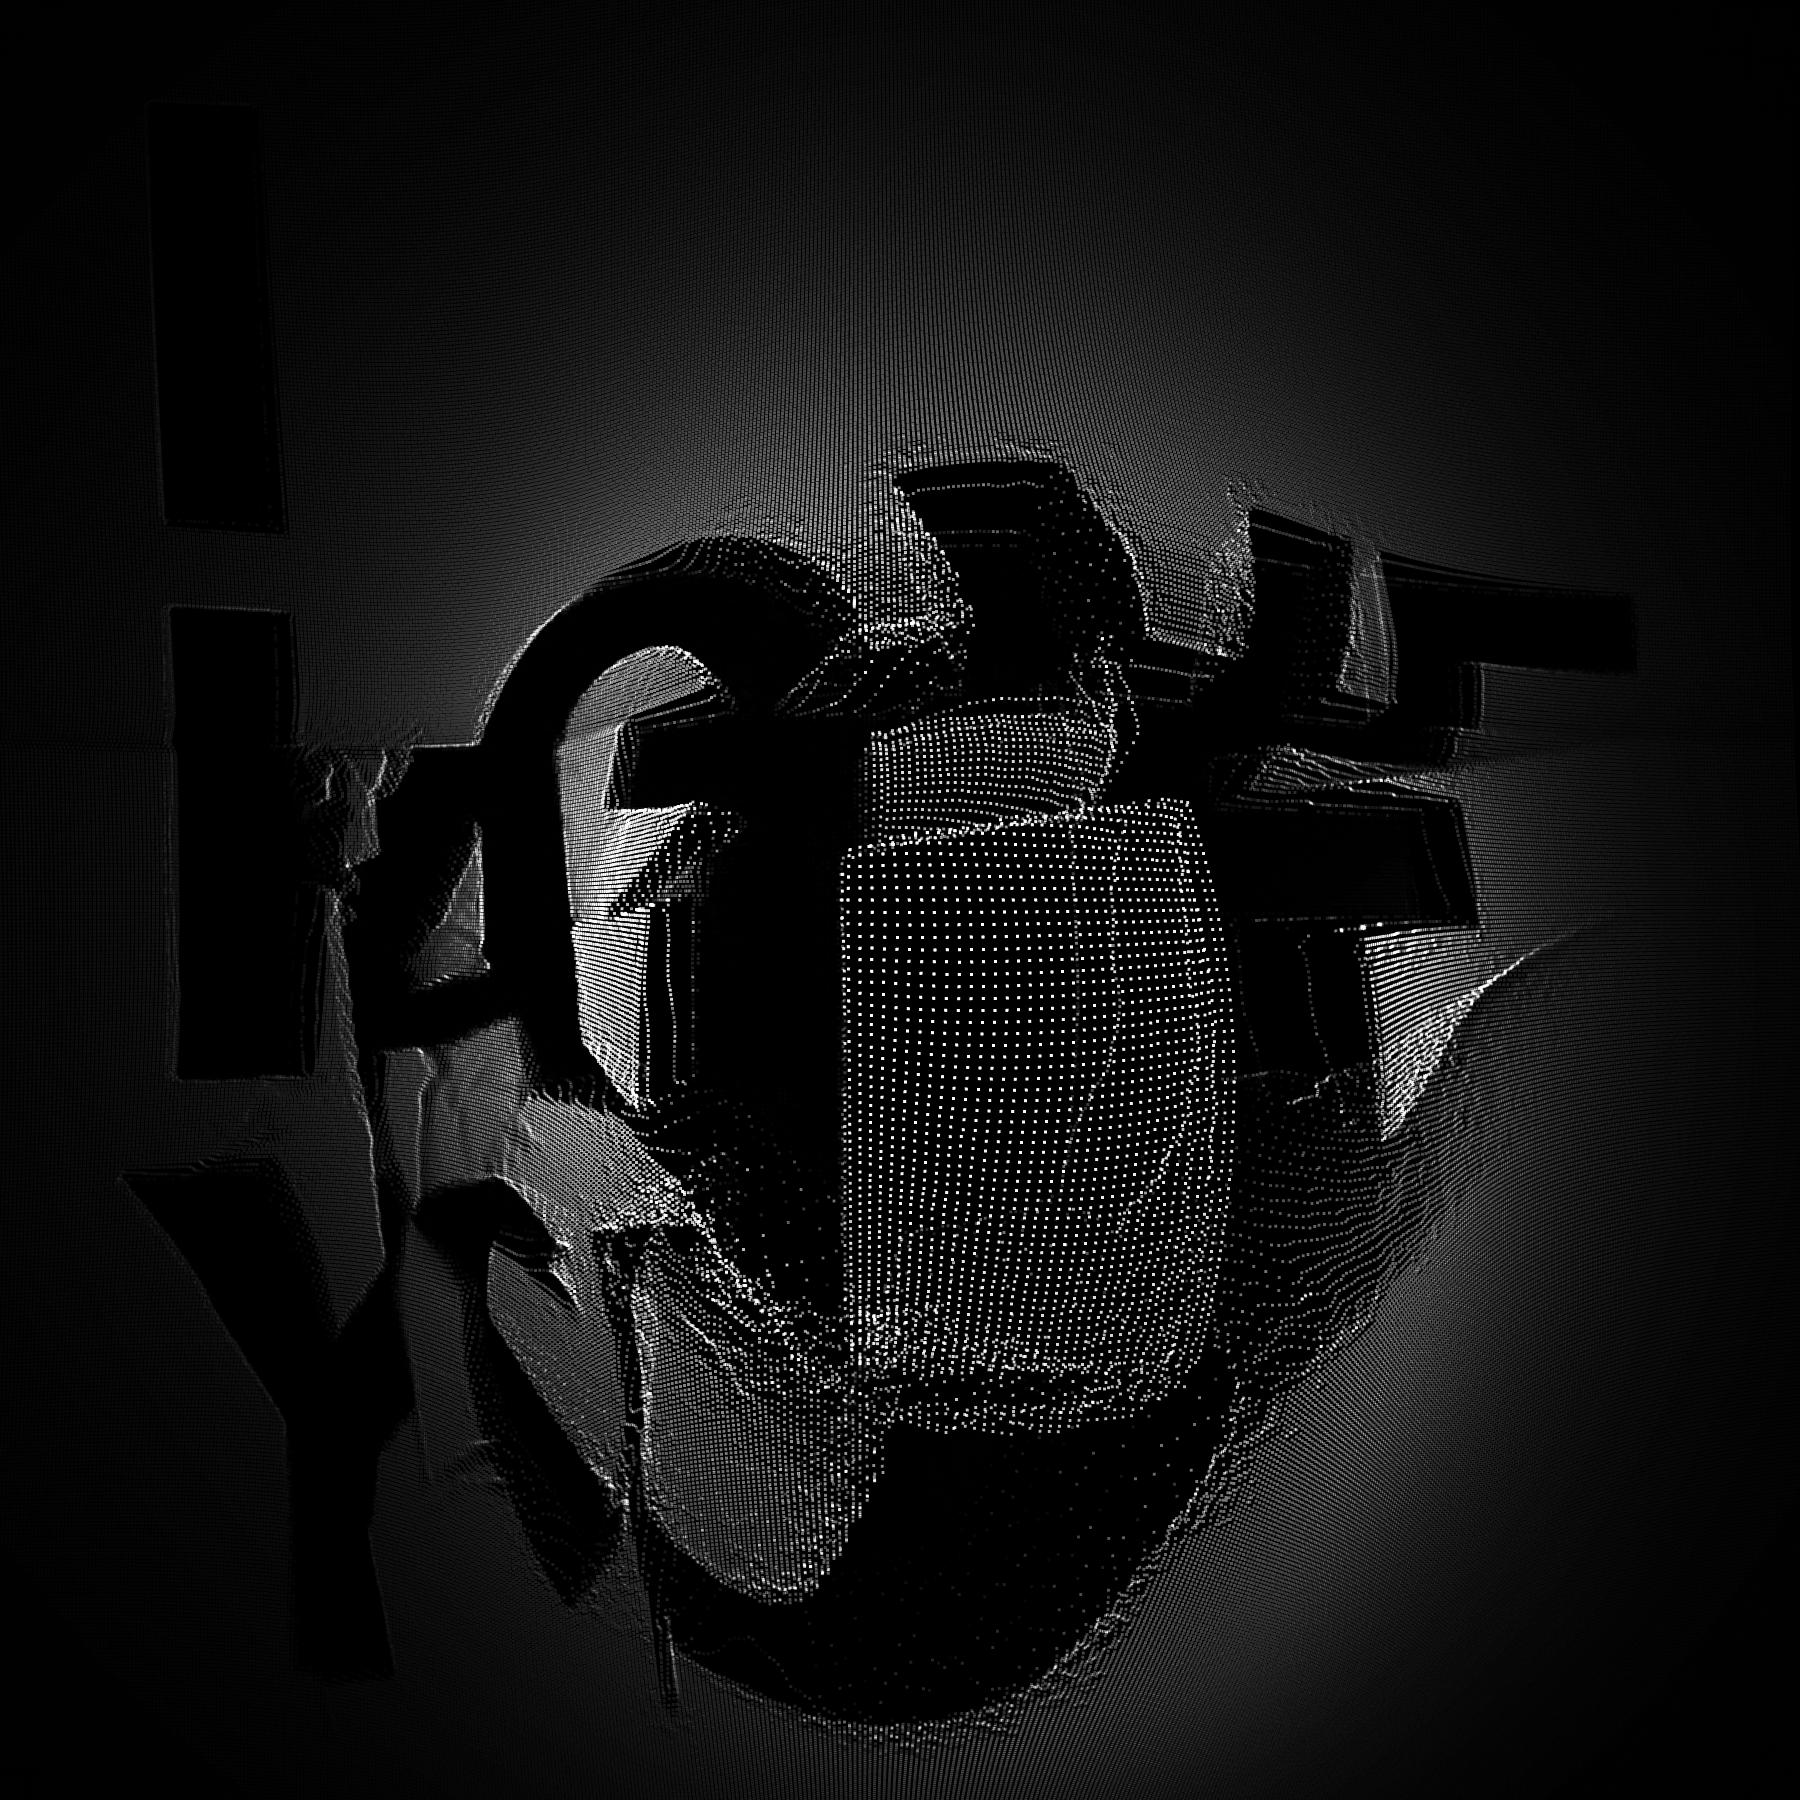 Resurrect_WebGL_StackGL_RezaAli_1.png